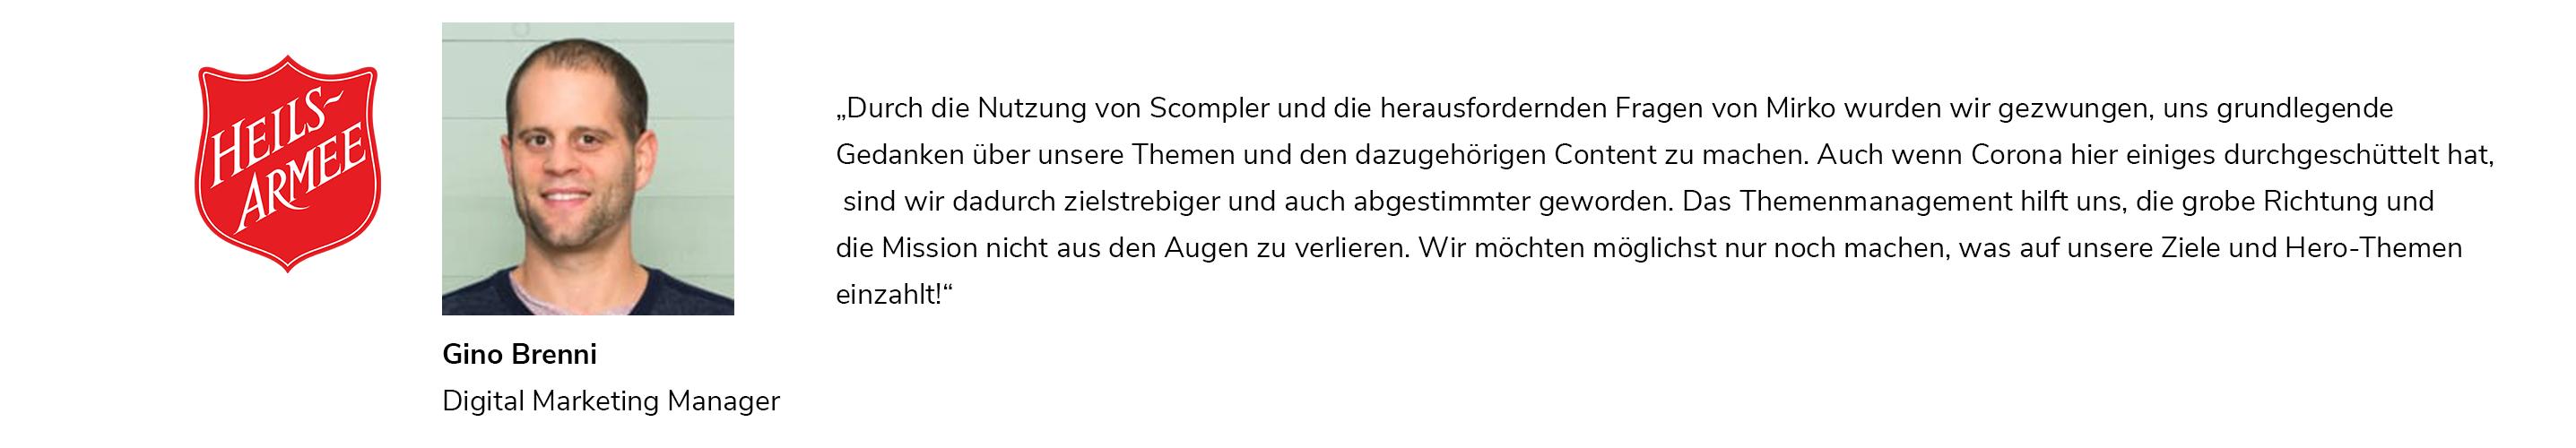 Heilsarmee3 Scompler Quotes CCC LP-1